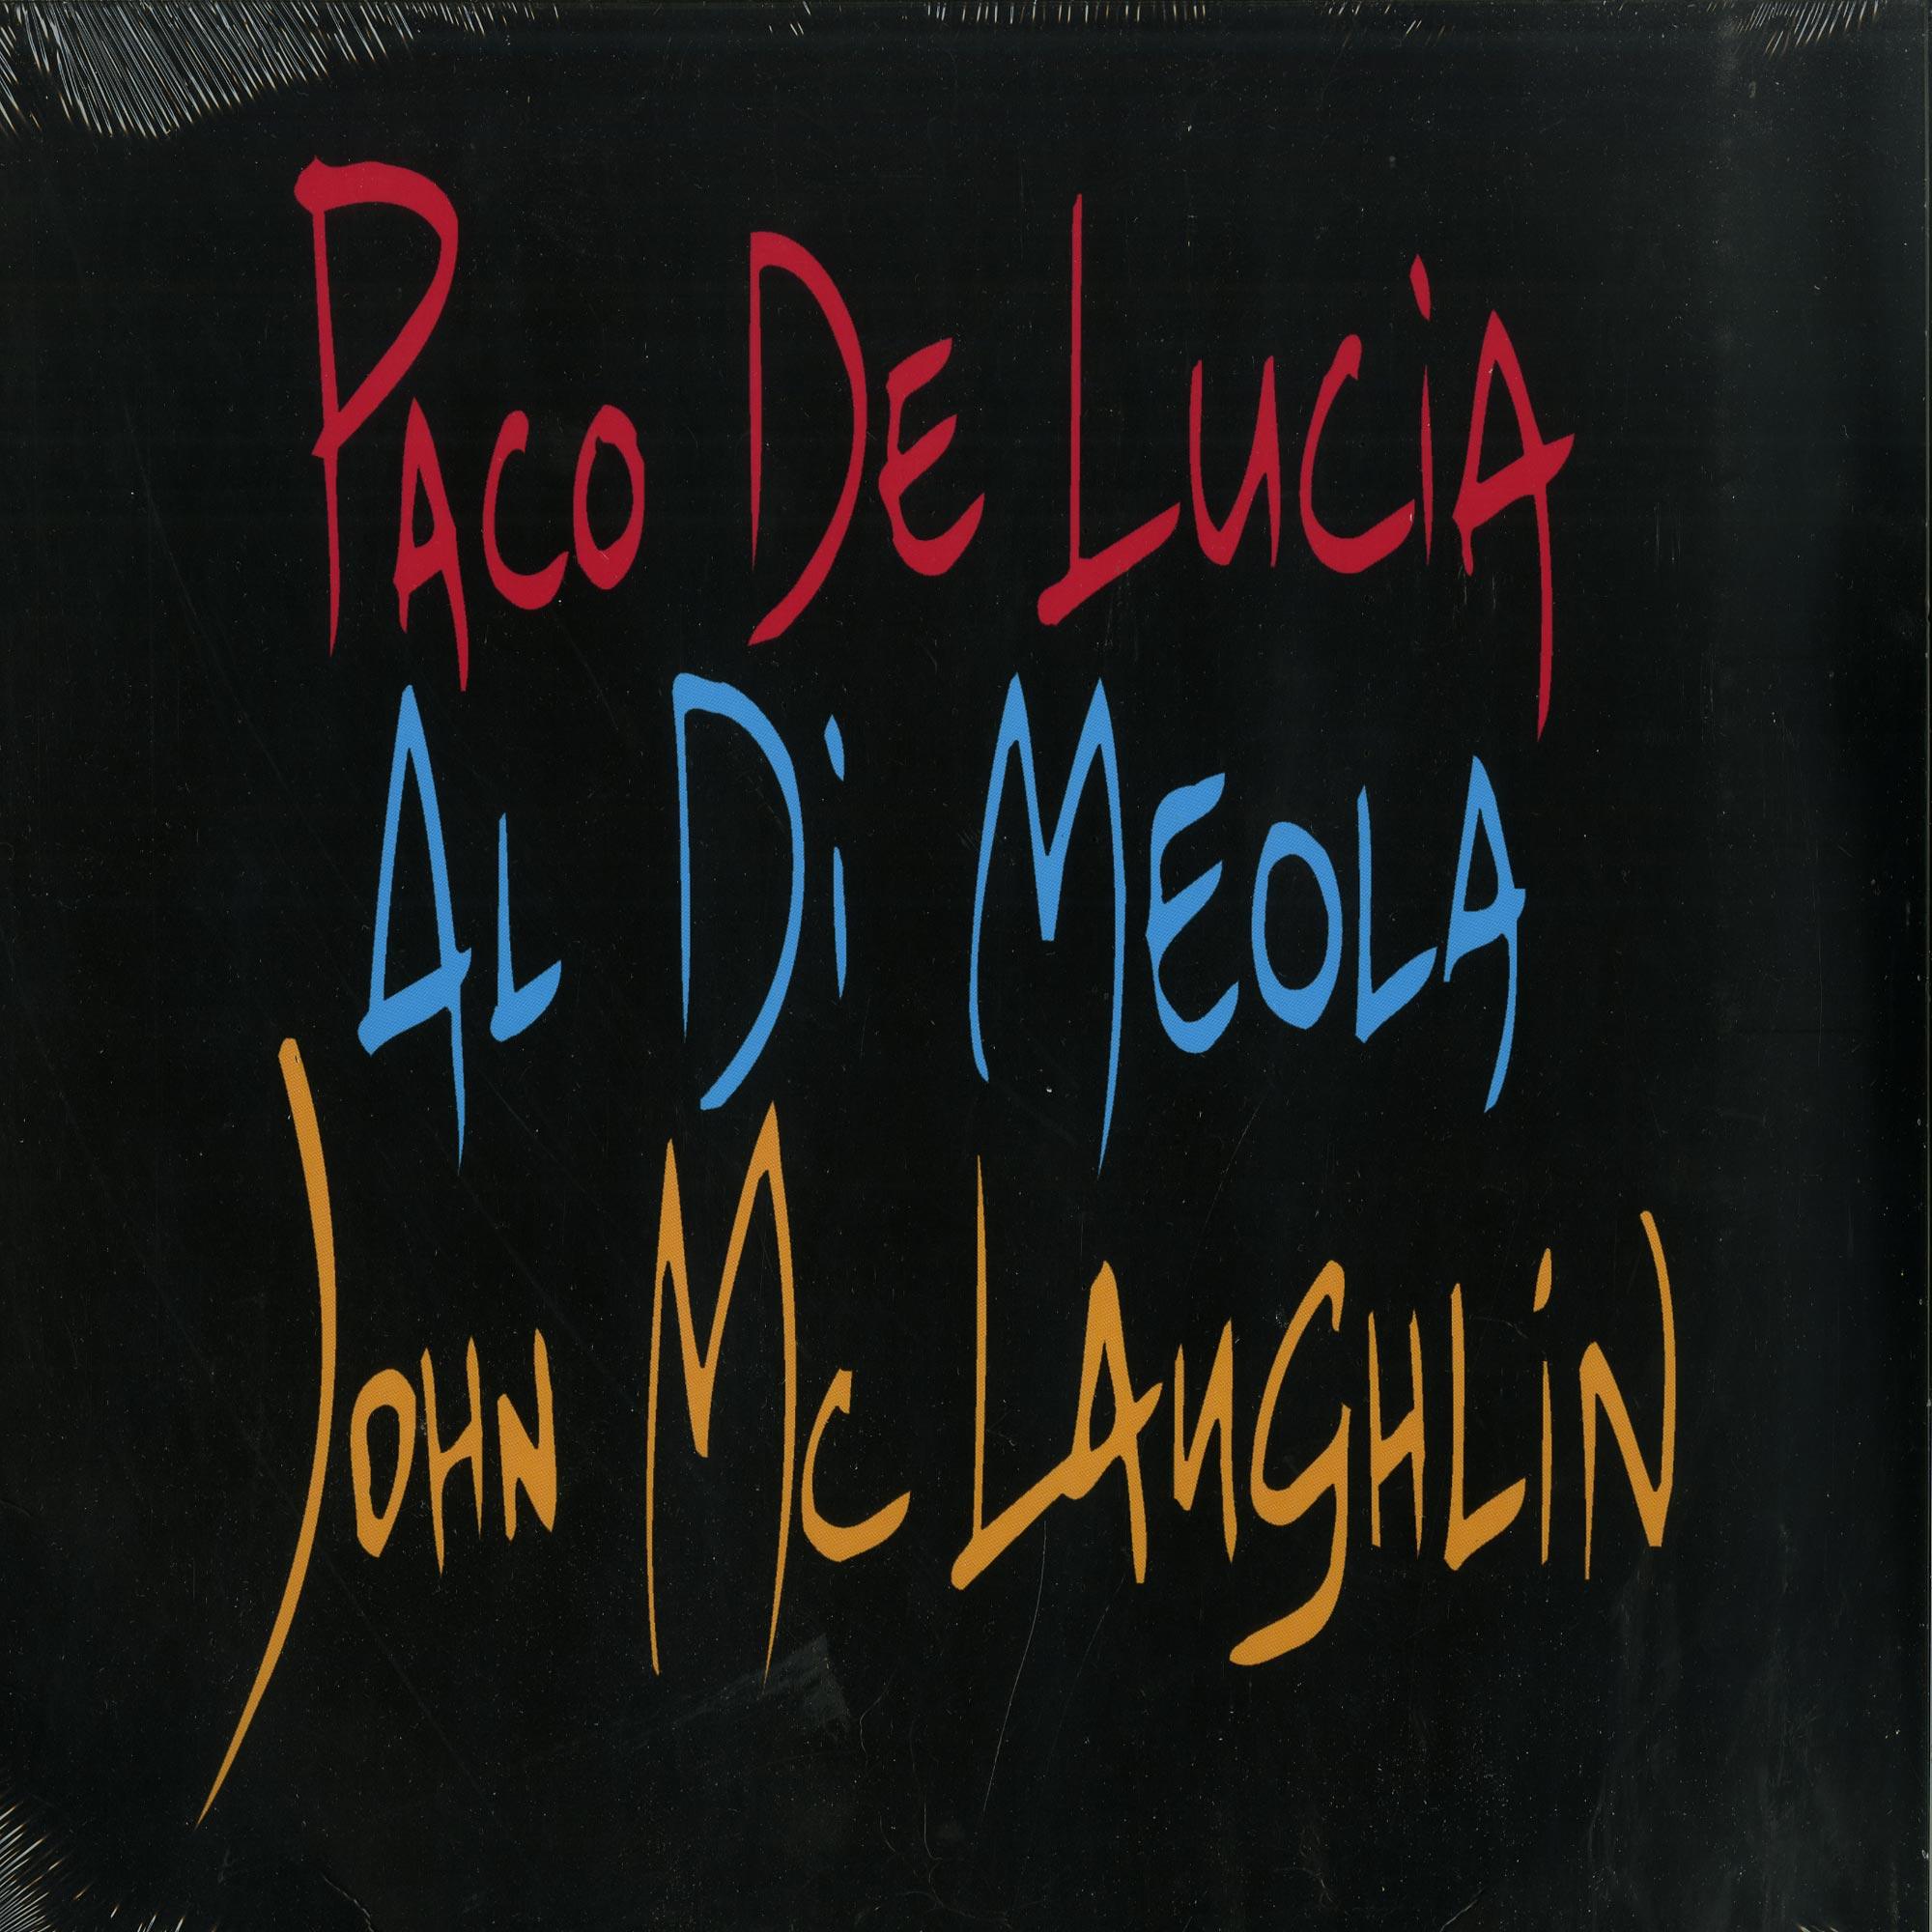 Paco De Lucía & Al Di Meola & John McLaughlin - THE GUITAR TRIO